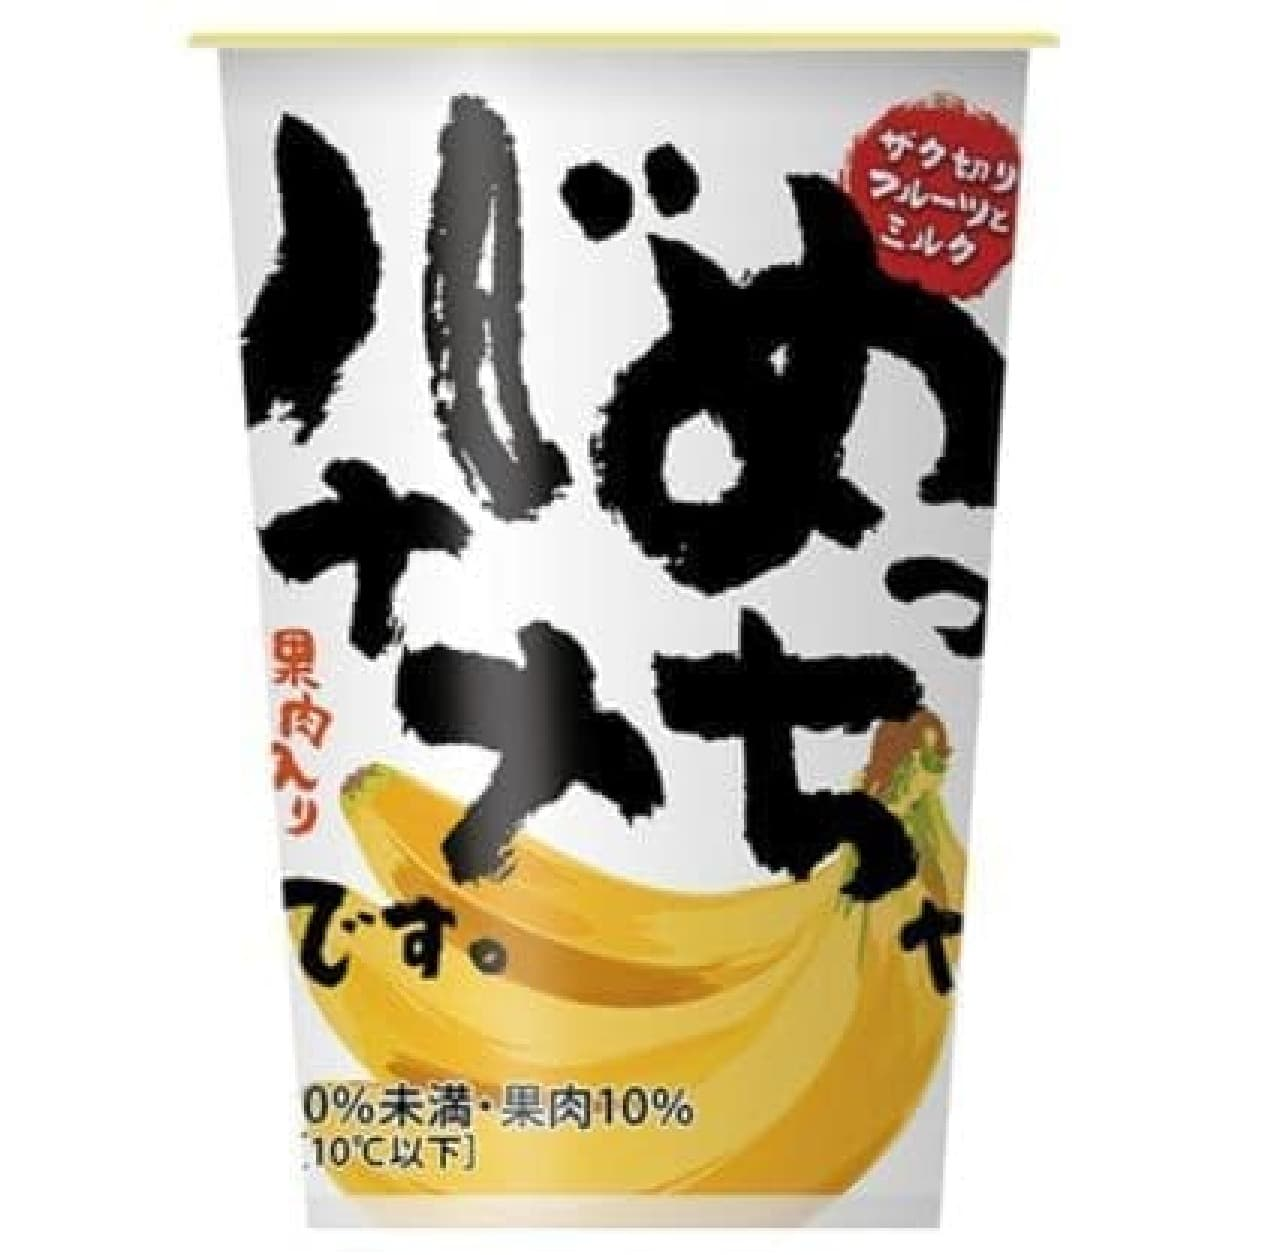 ファミリーマート「めっちゃバナナです。」